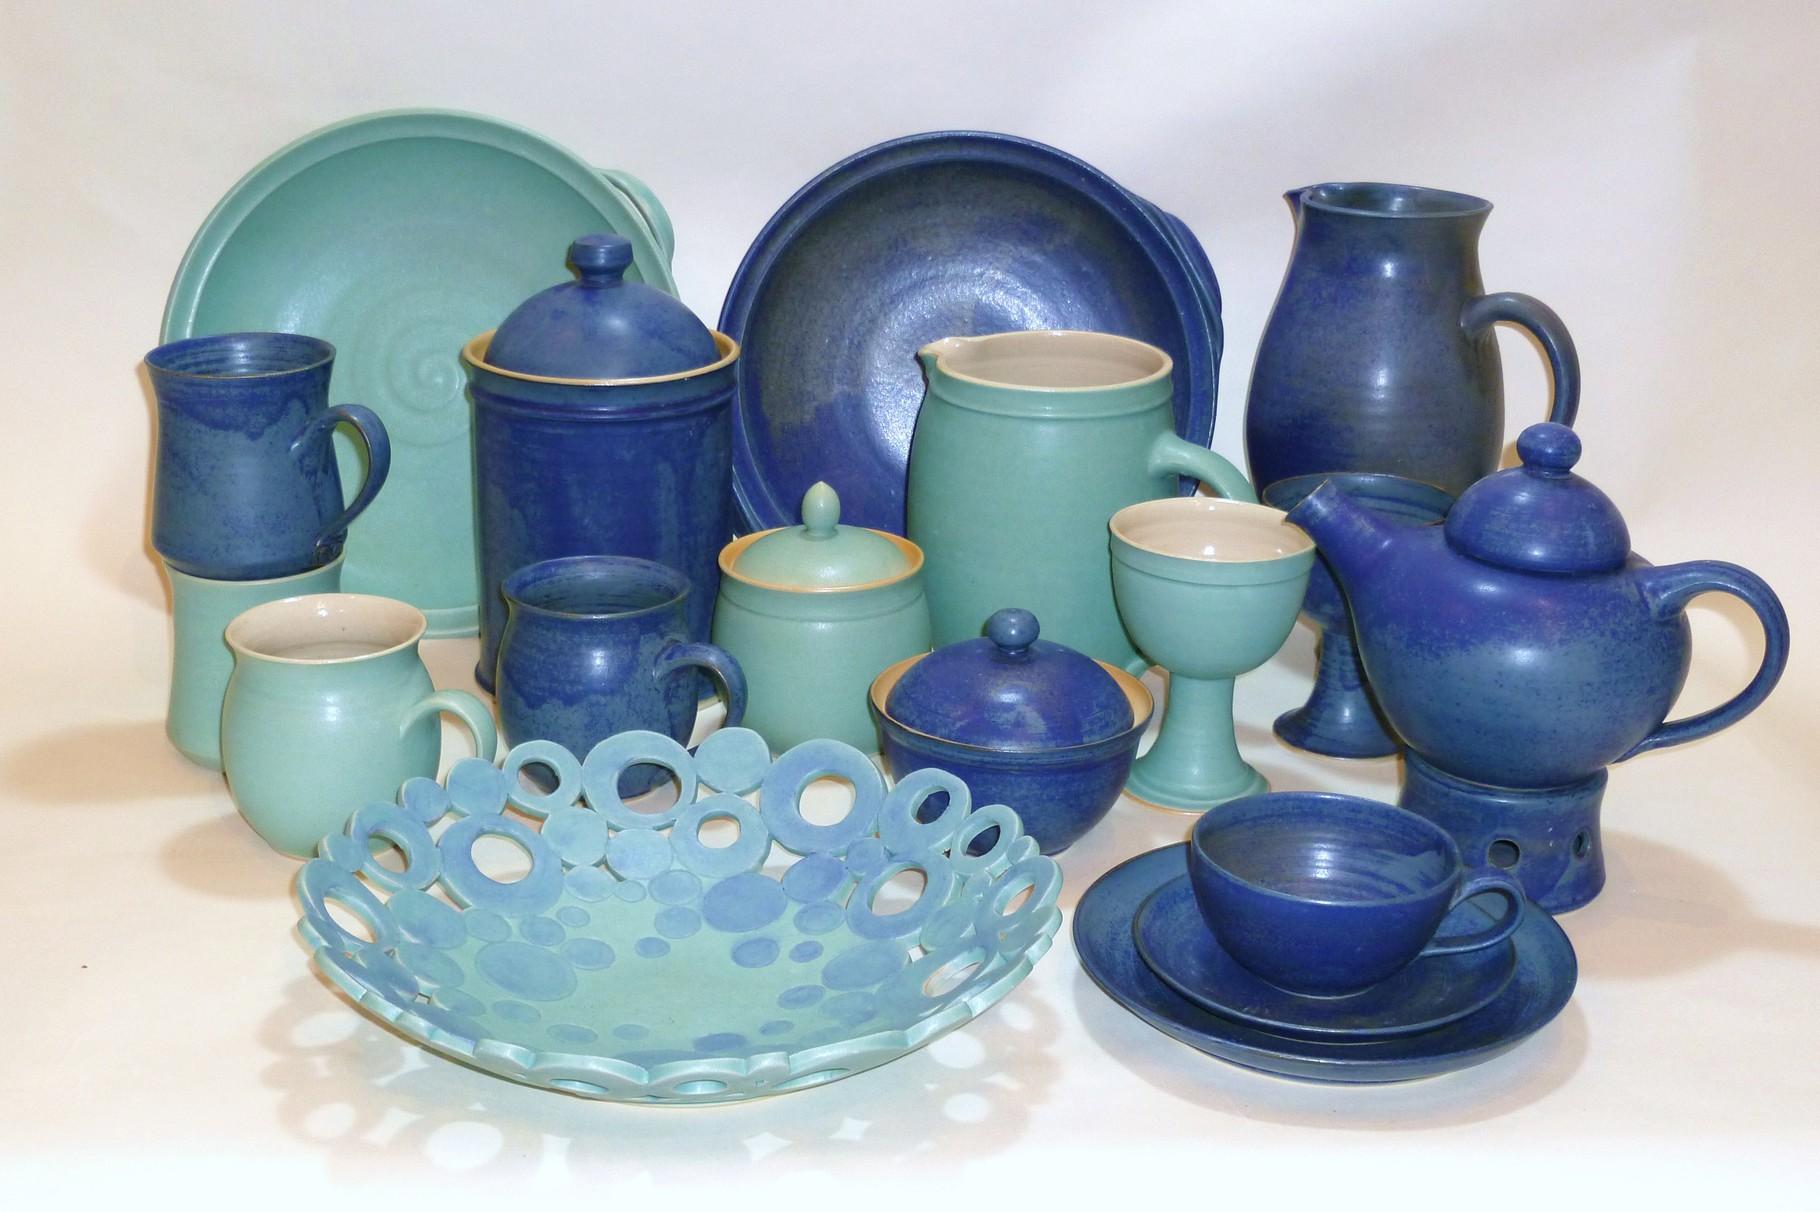 Blaues und grünes Geschirr